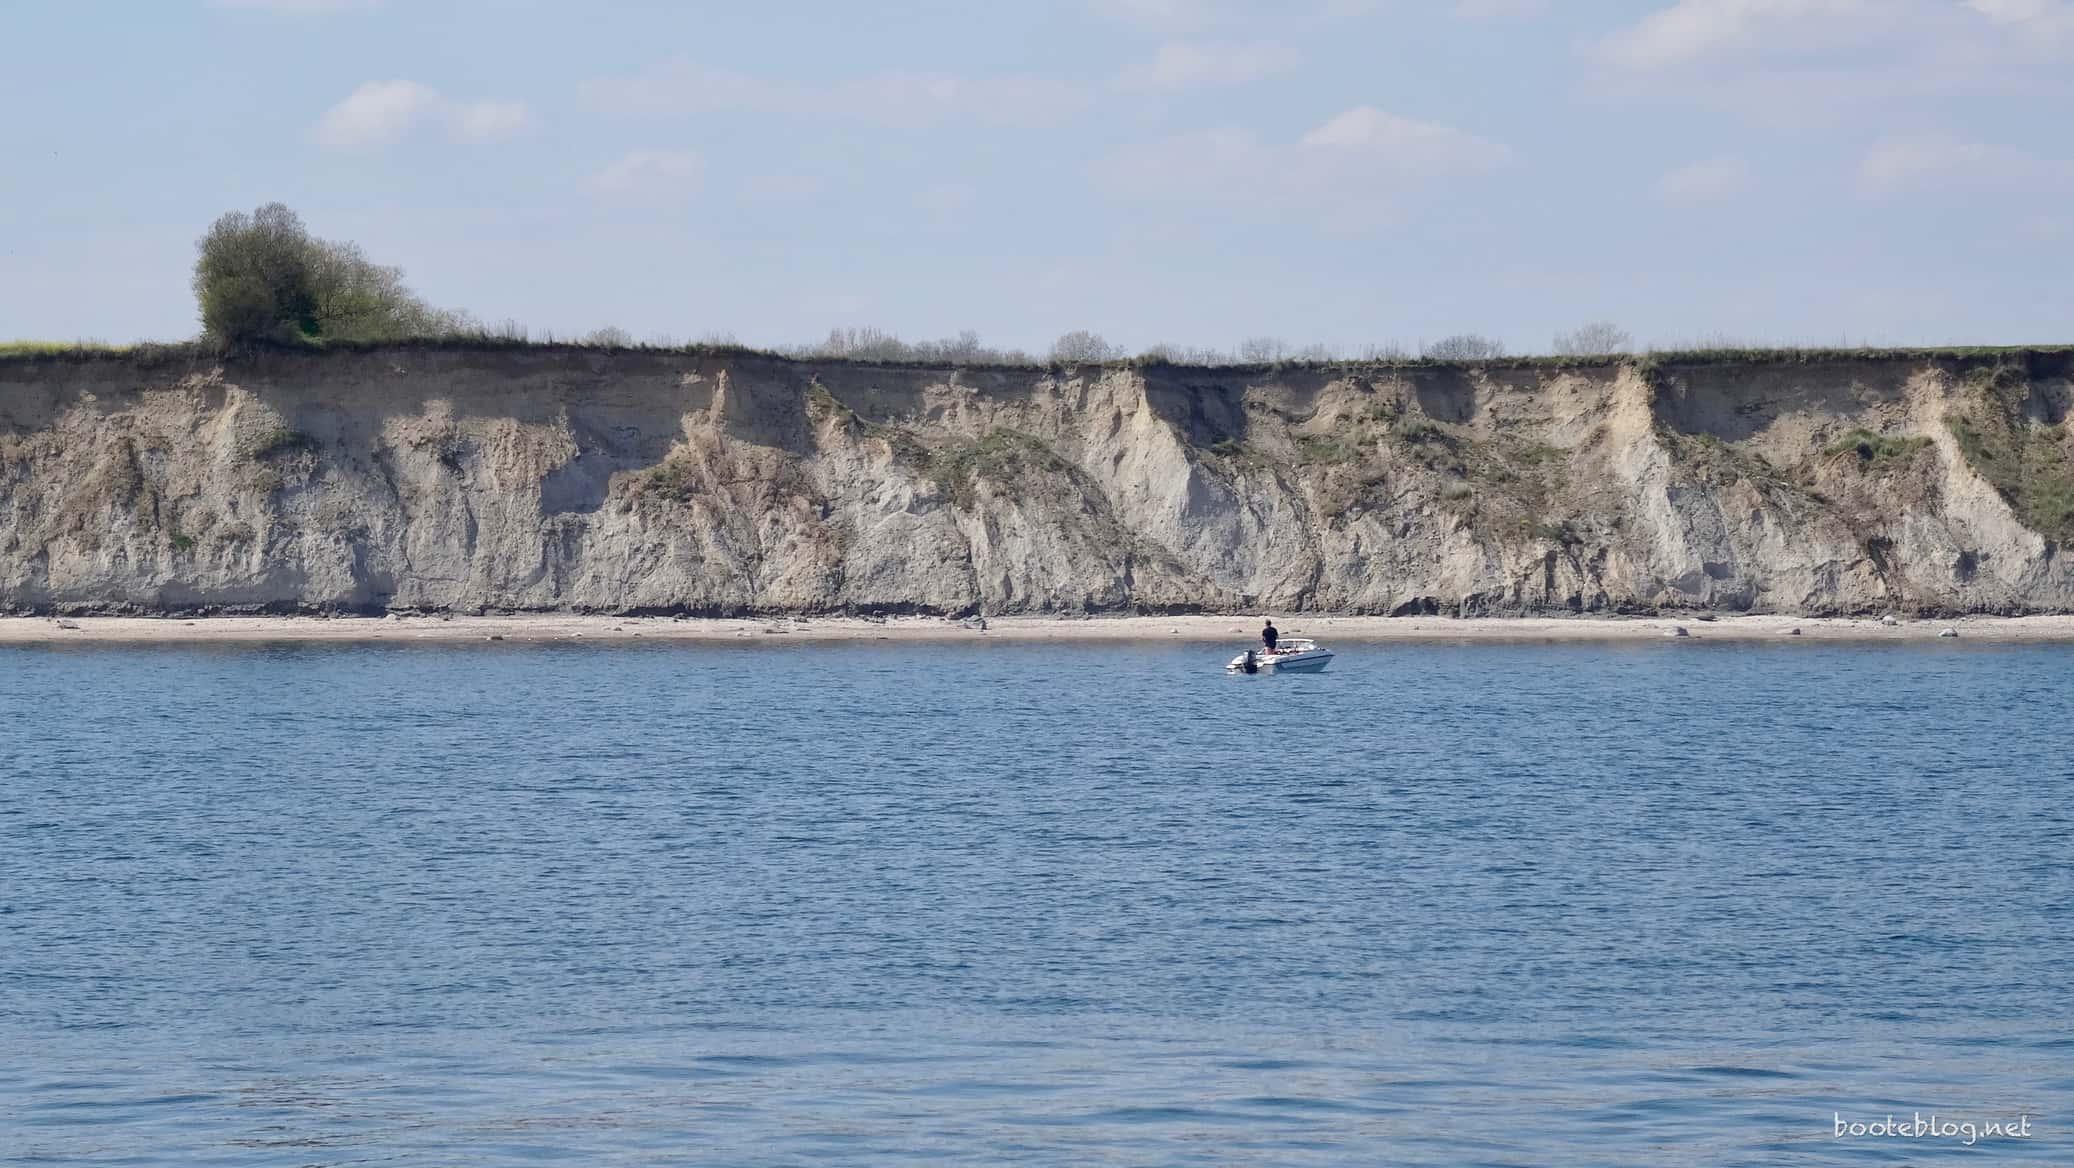 Ein Angler, der im kleinen Boot entspannt vor der Küste ankert.